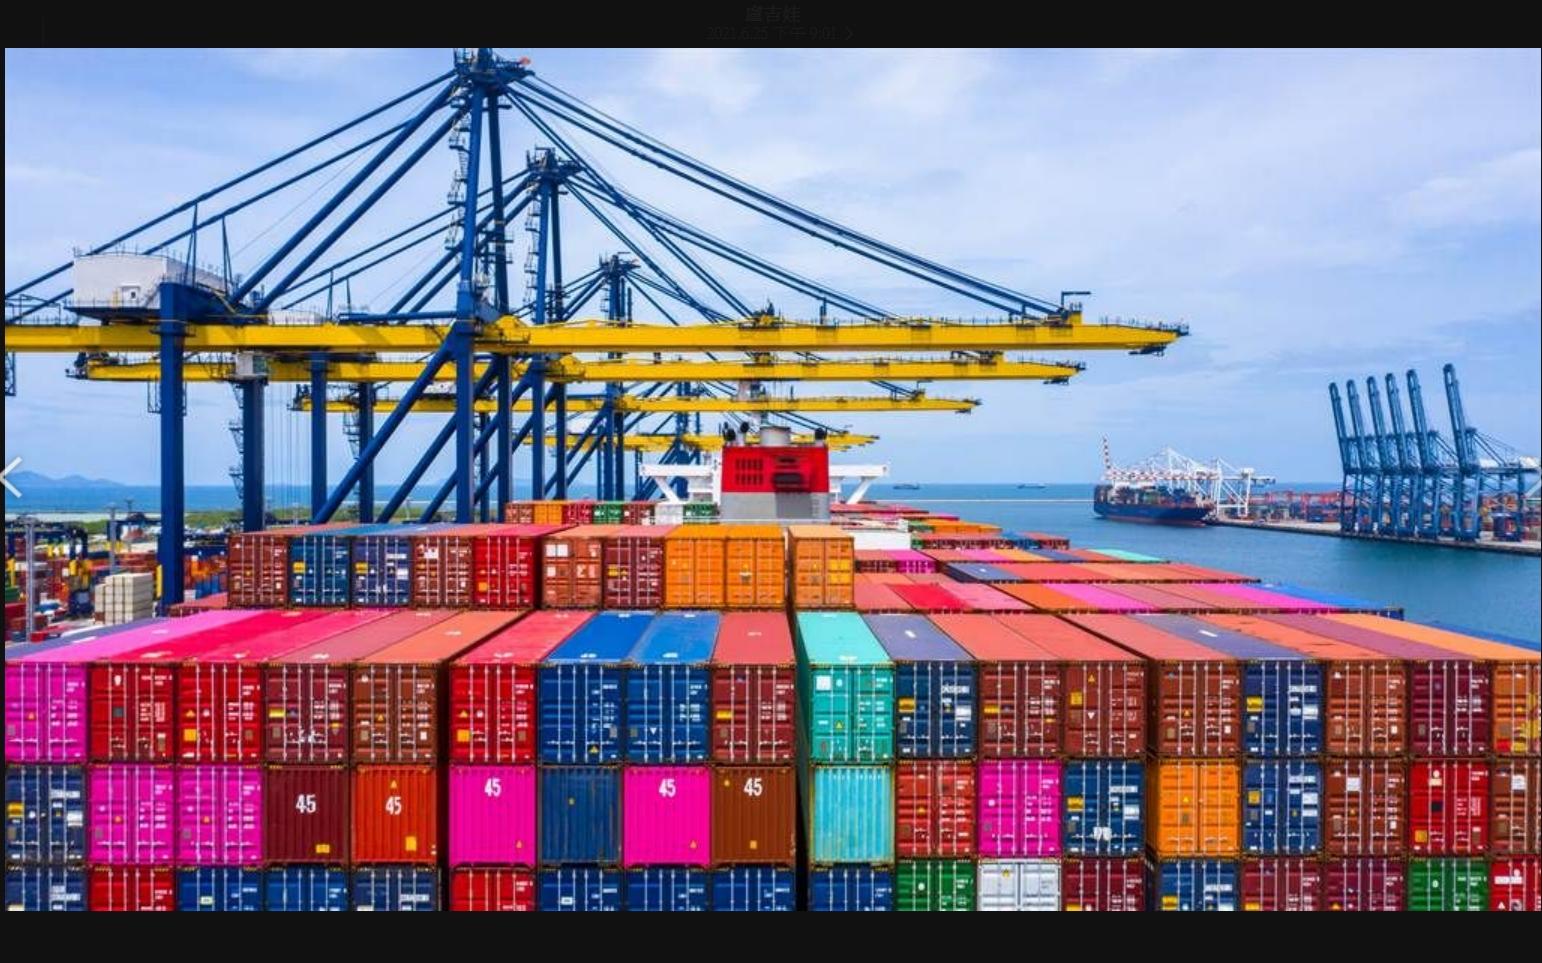 運輸和貨運成本增加、貨運能力和集裝箱短缺